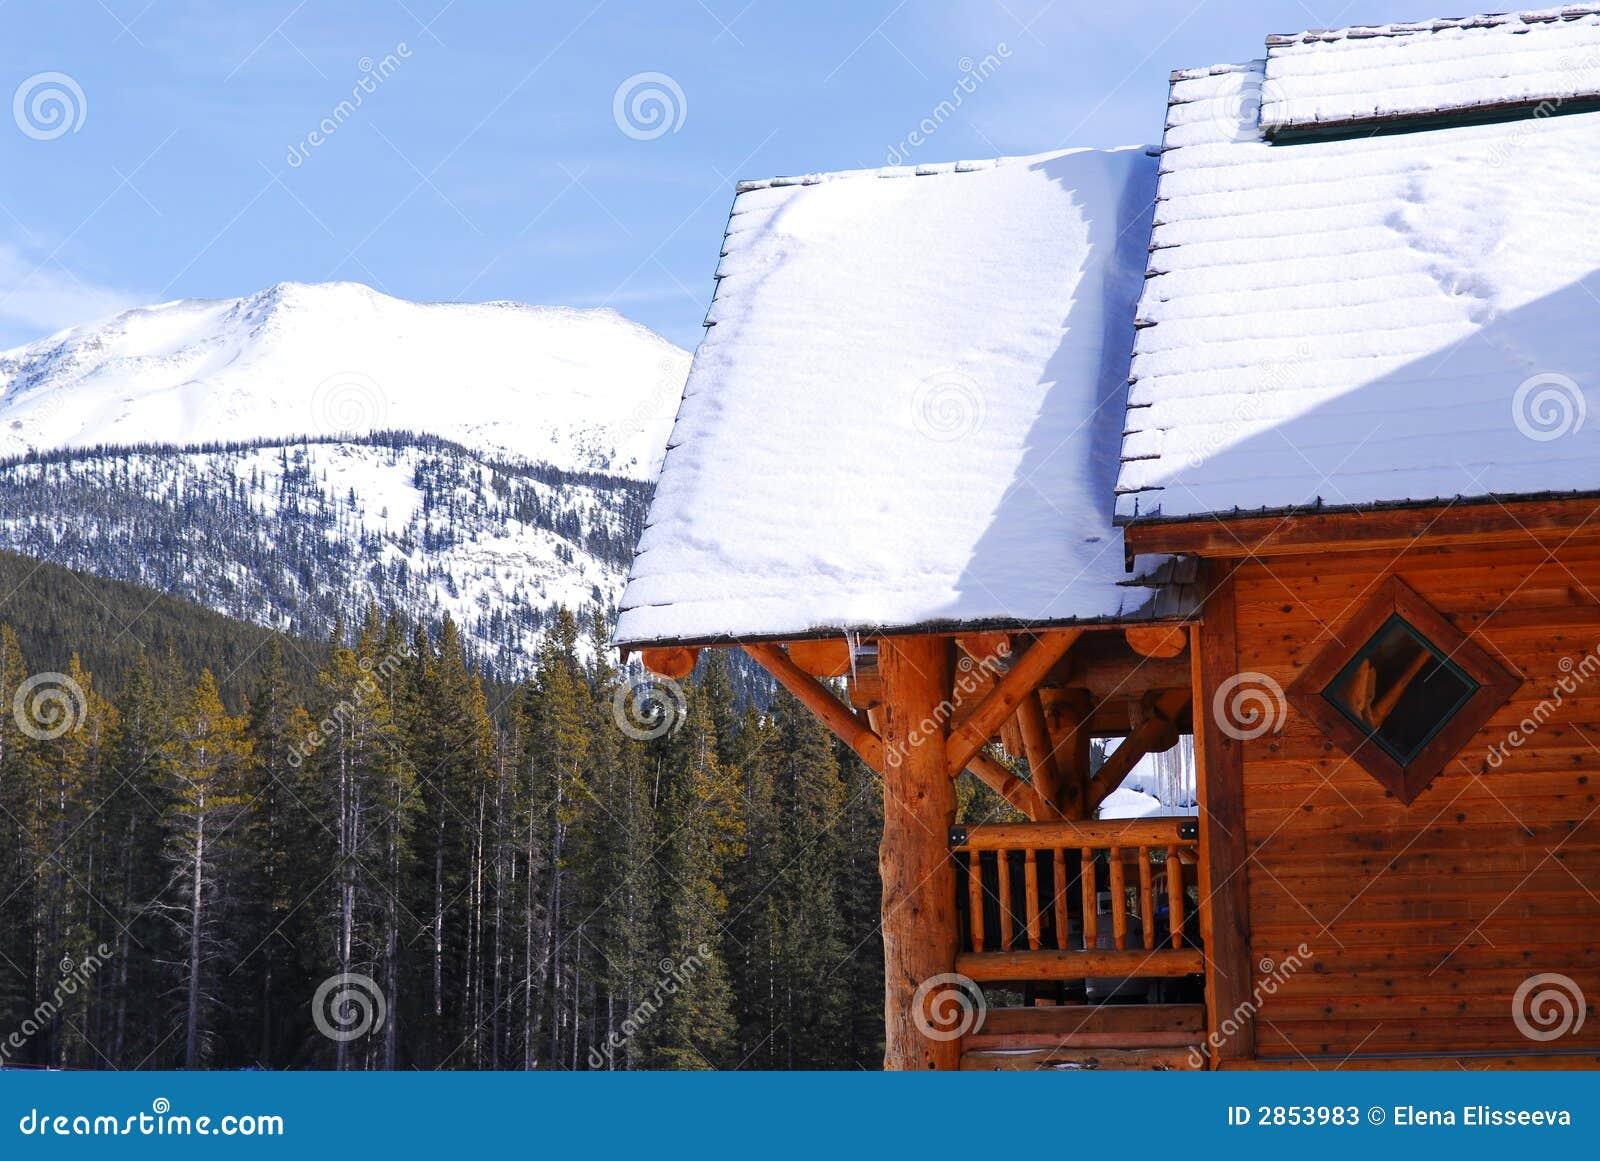 Cabina della montagna del libro macchina immagine stock for Planimetrie della cabina del lago